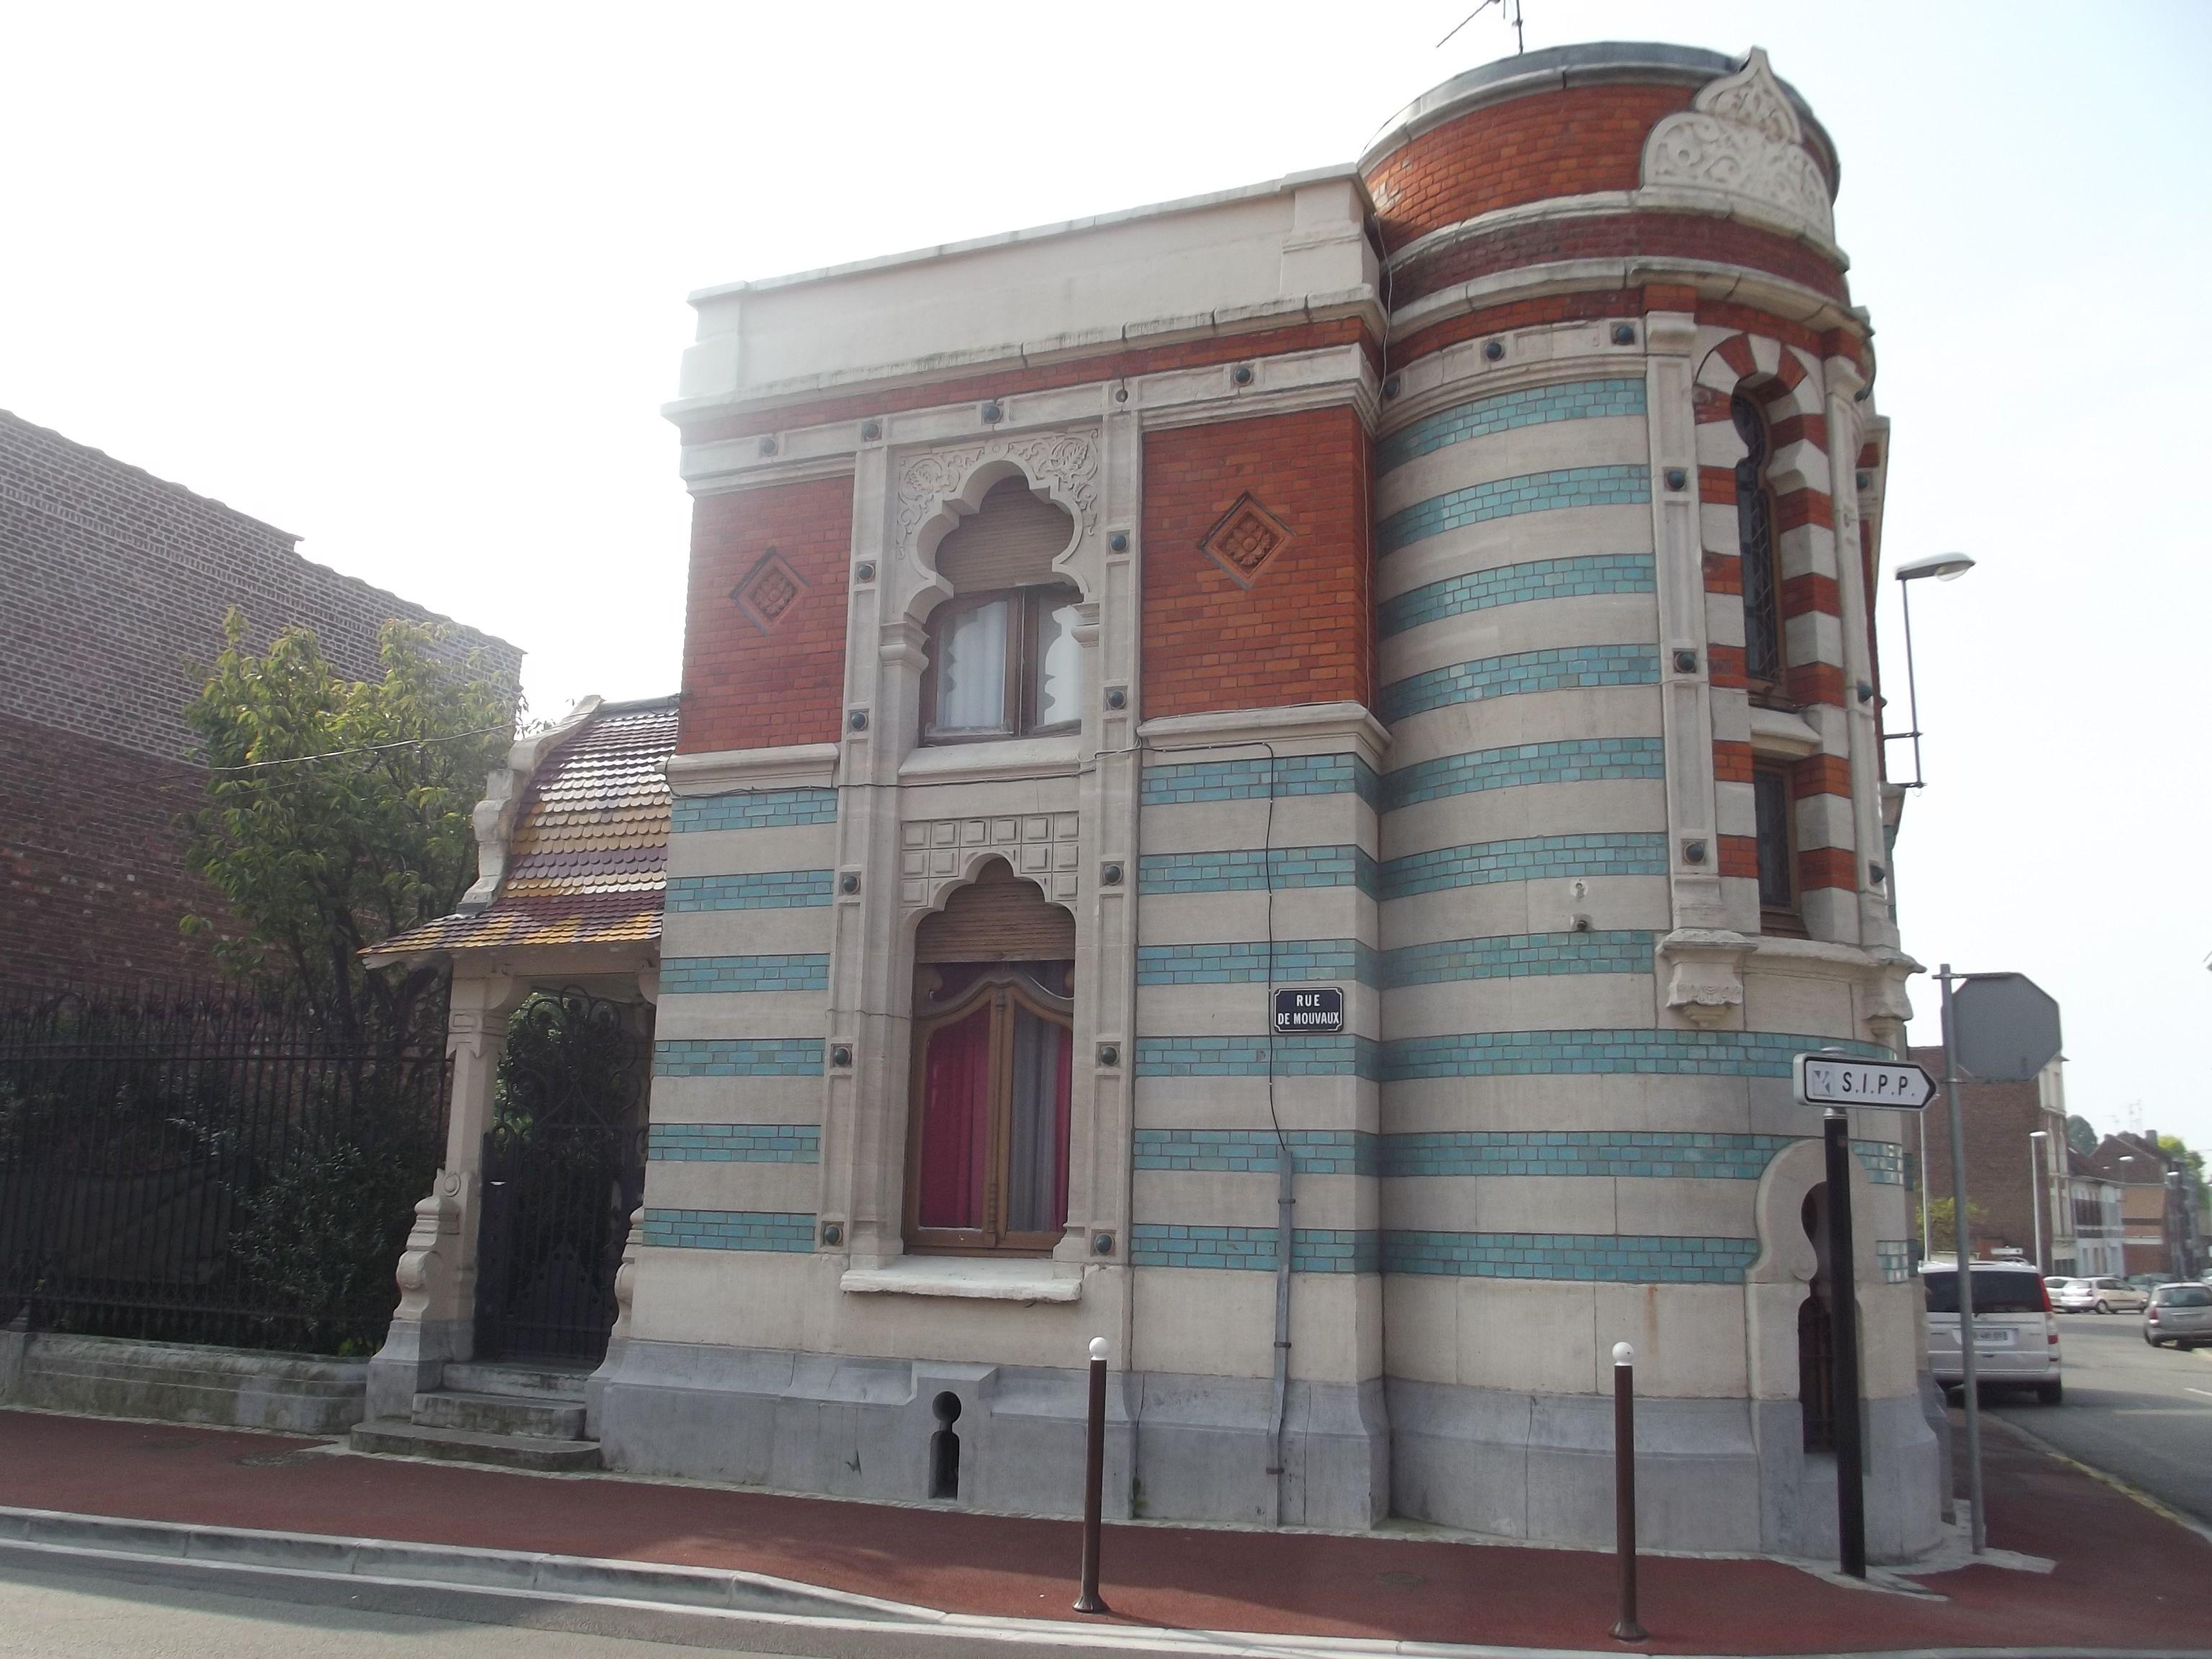 Palais du congo ou ch teau vaissier 2 rue de mouvaux tourcoing recommandations pour zaza - Le roi du matelas tourcoing ...